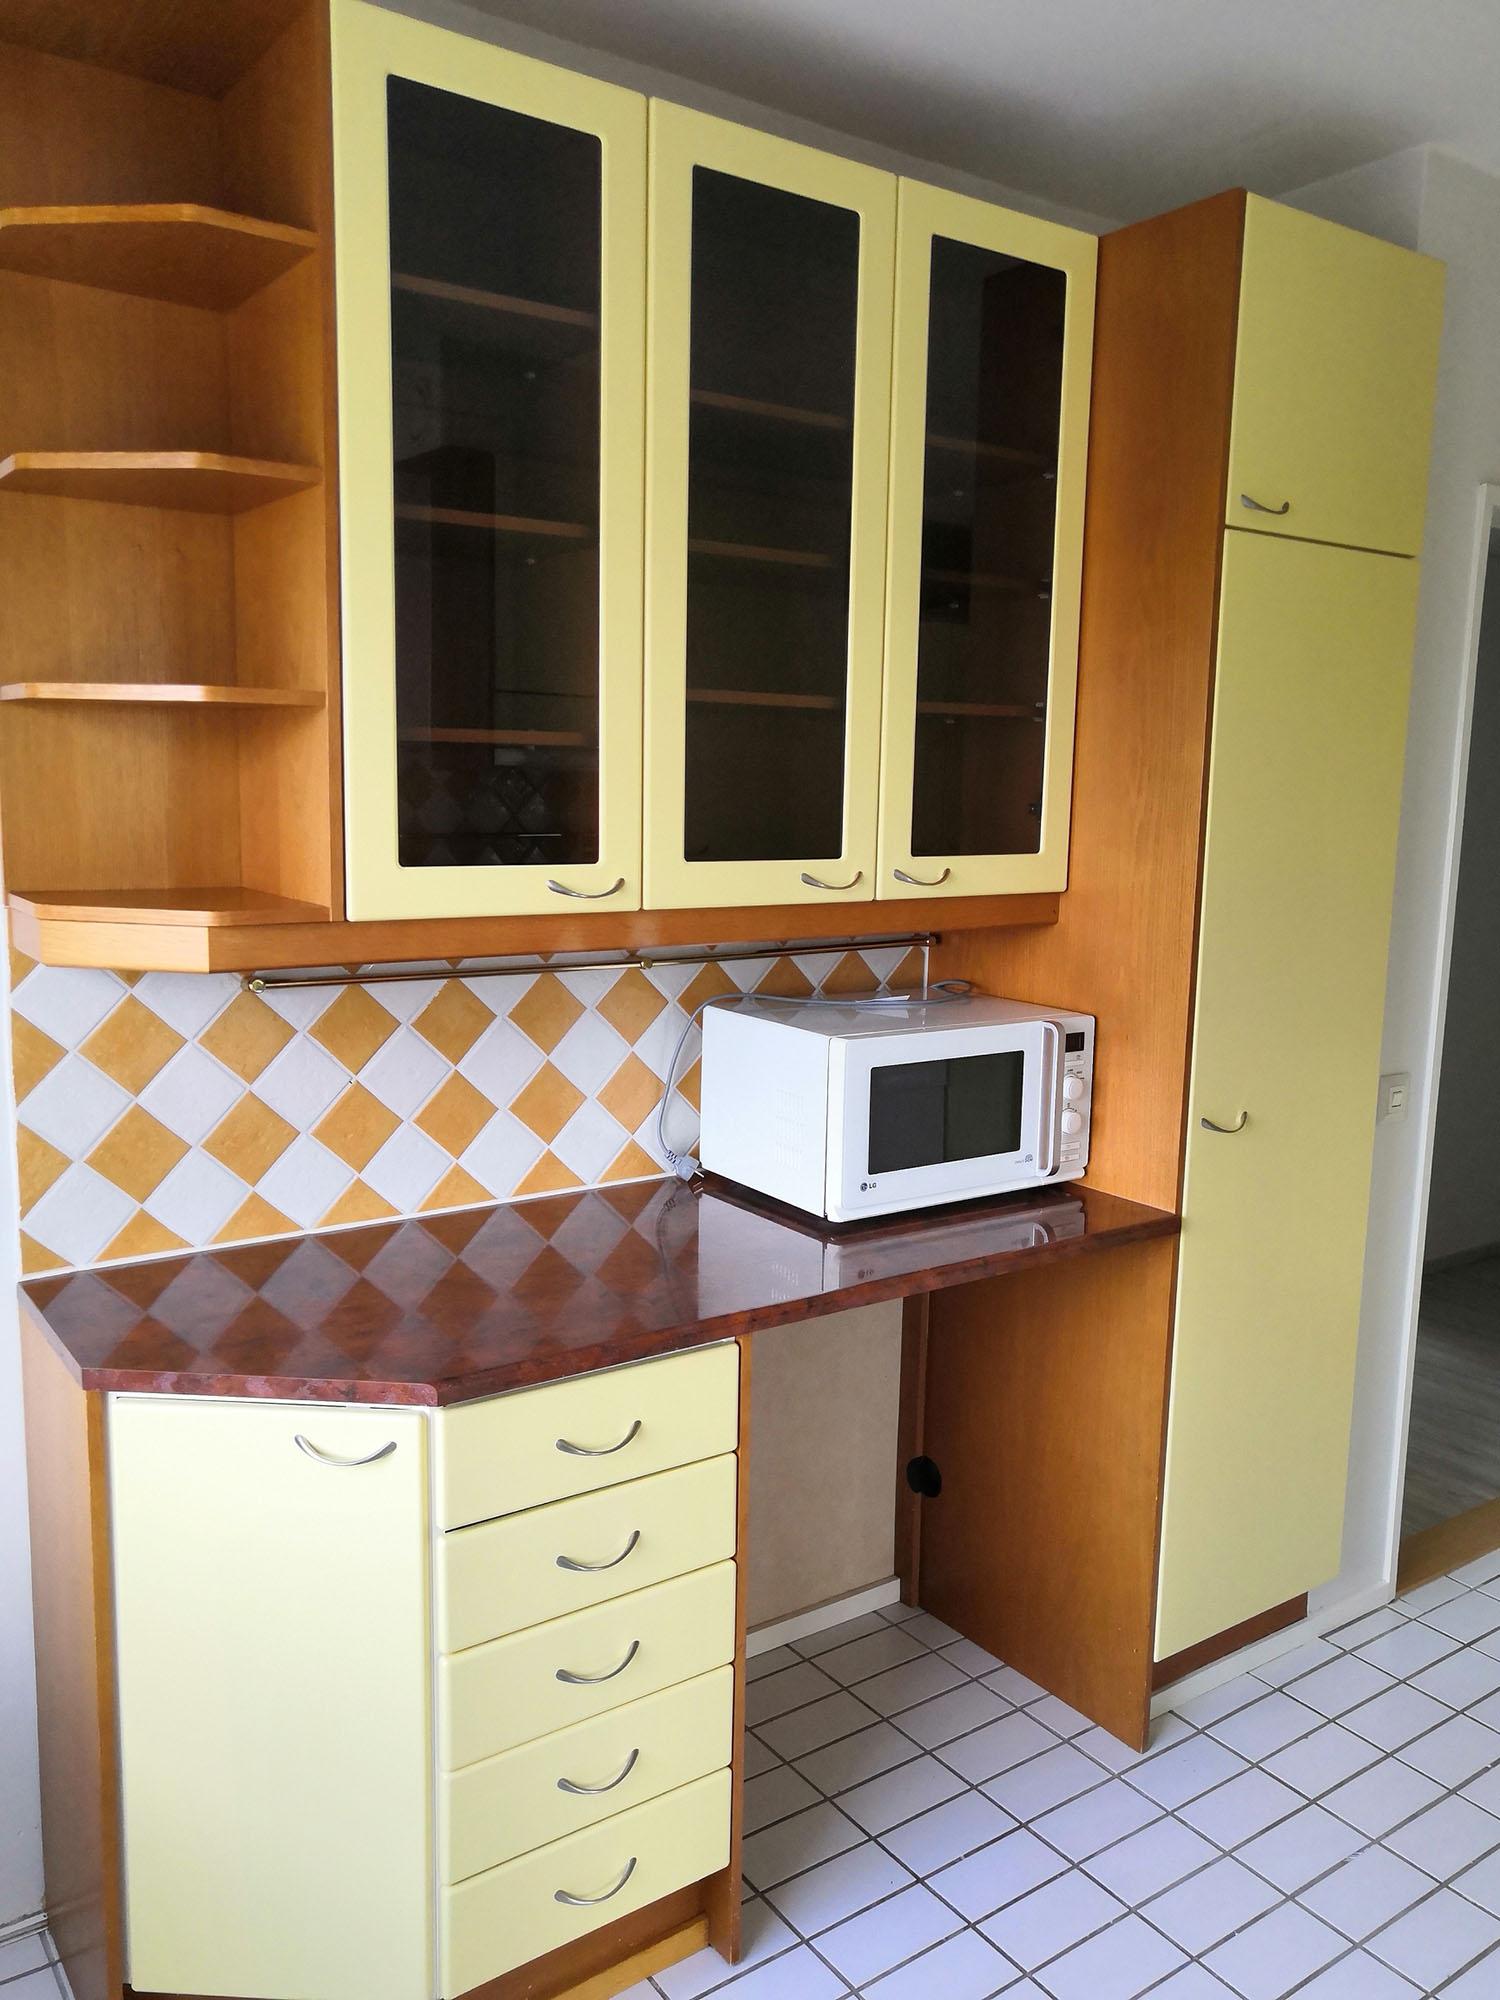 Laadukkaat keittiön kaapit ja laskutilaa